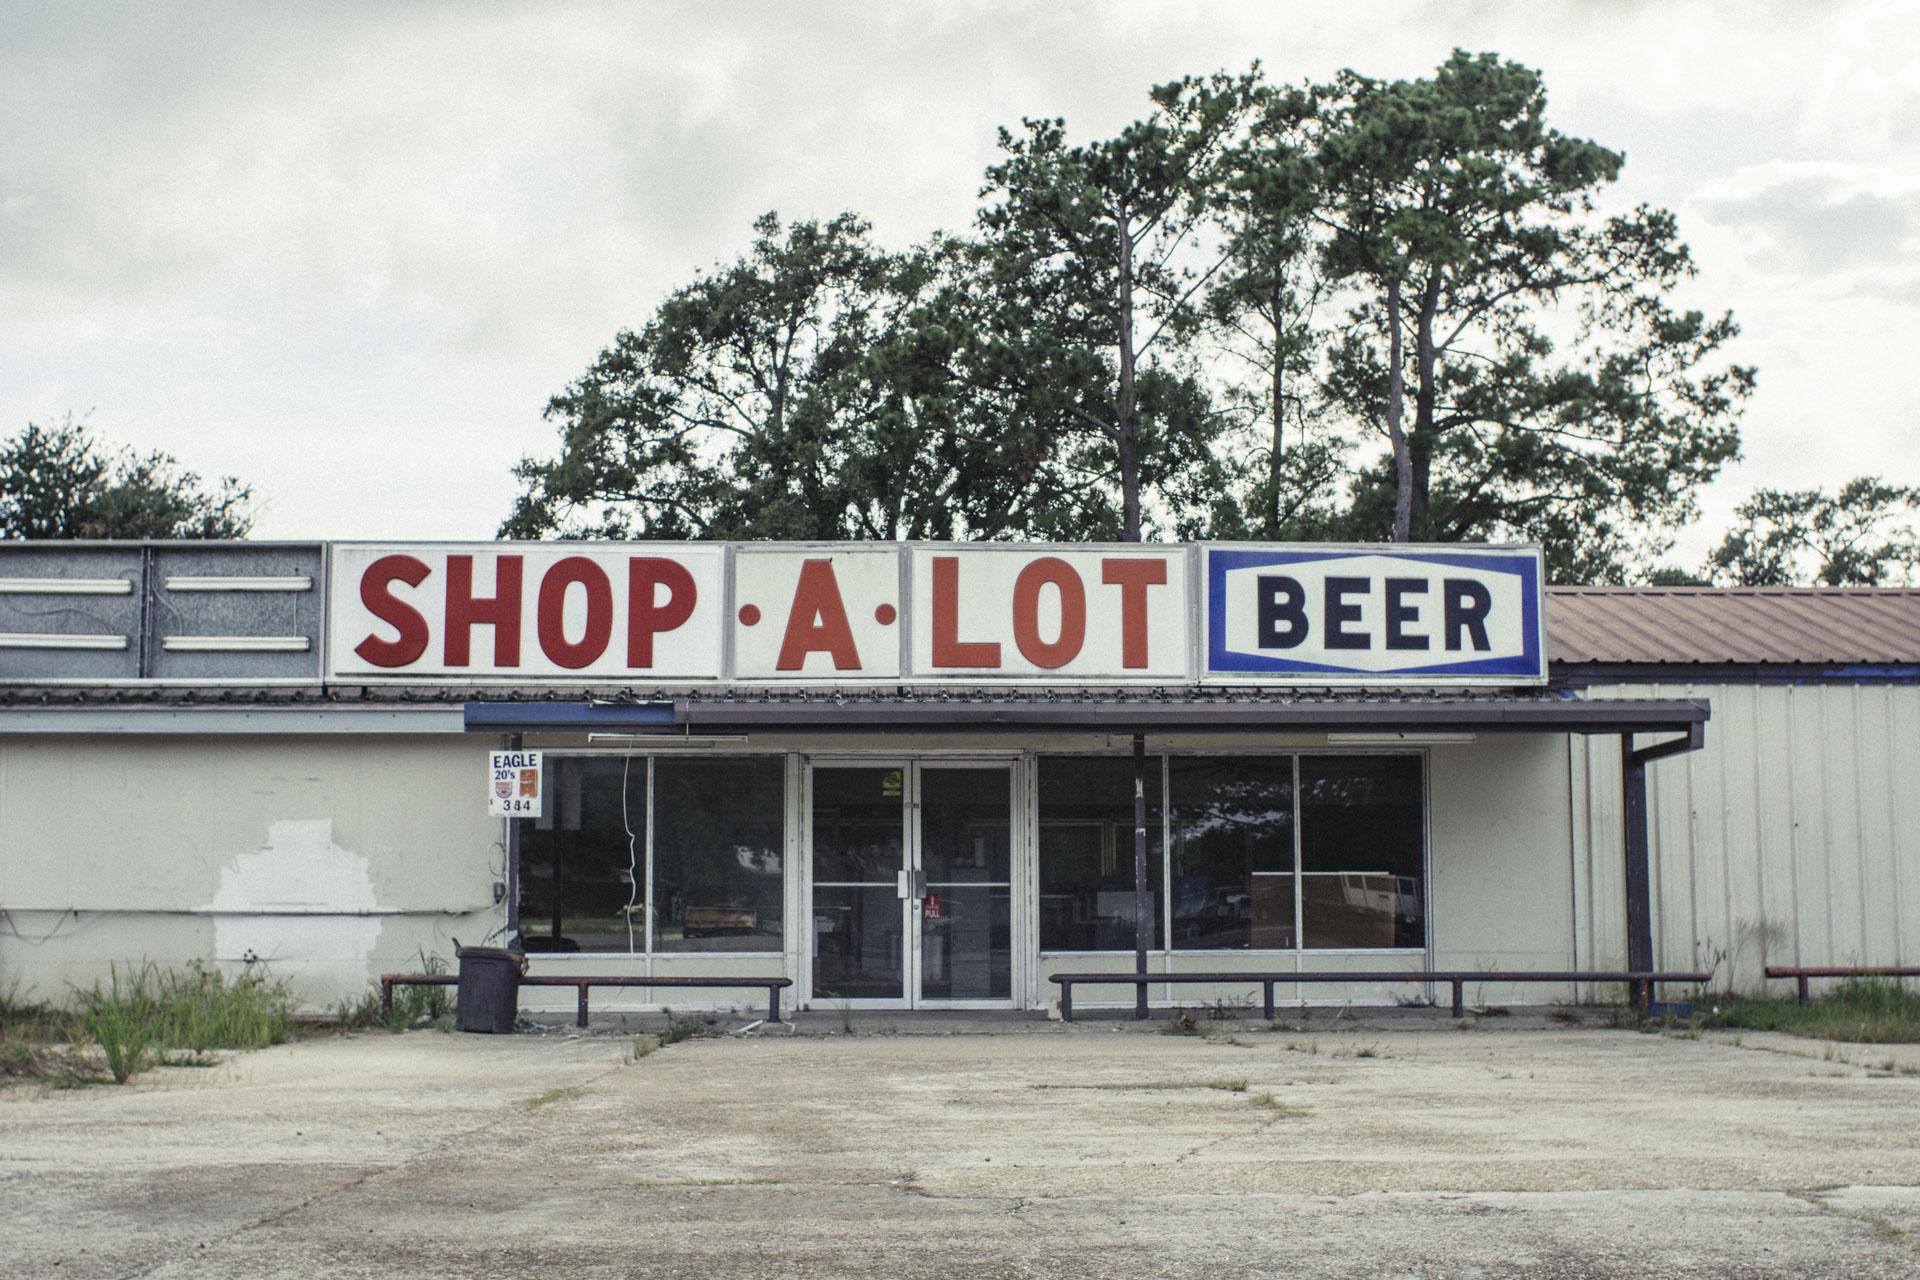 Louisiana_FinalDSC02744.JPG